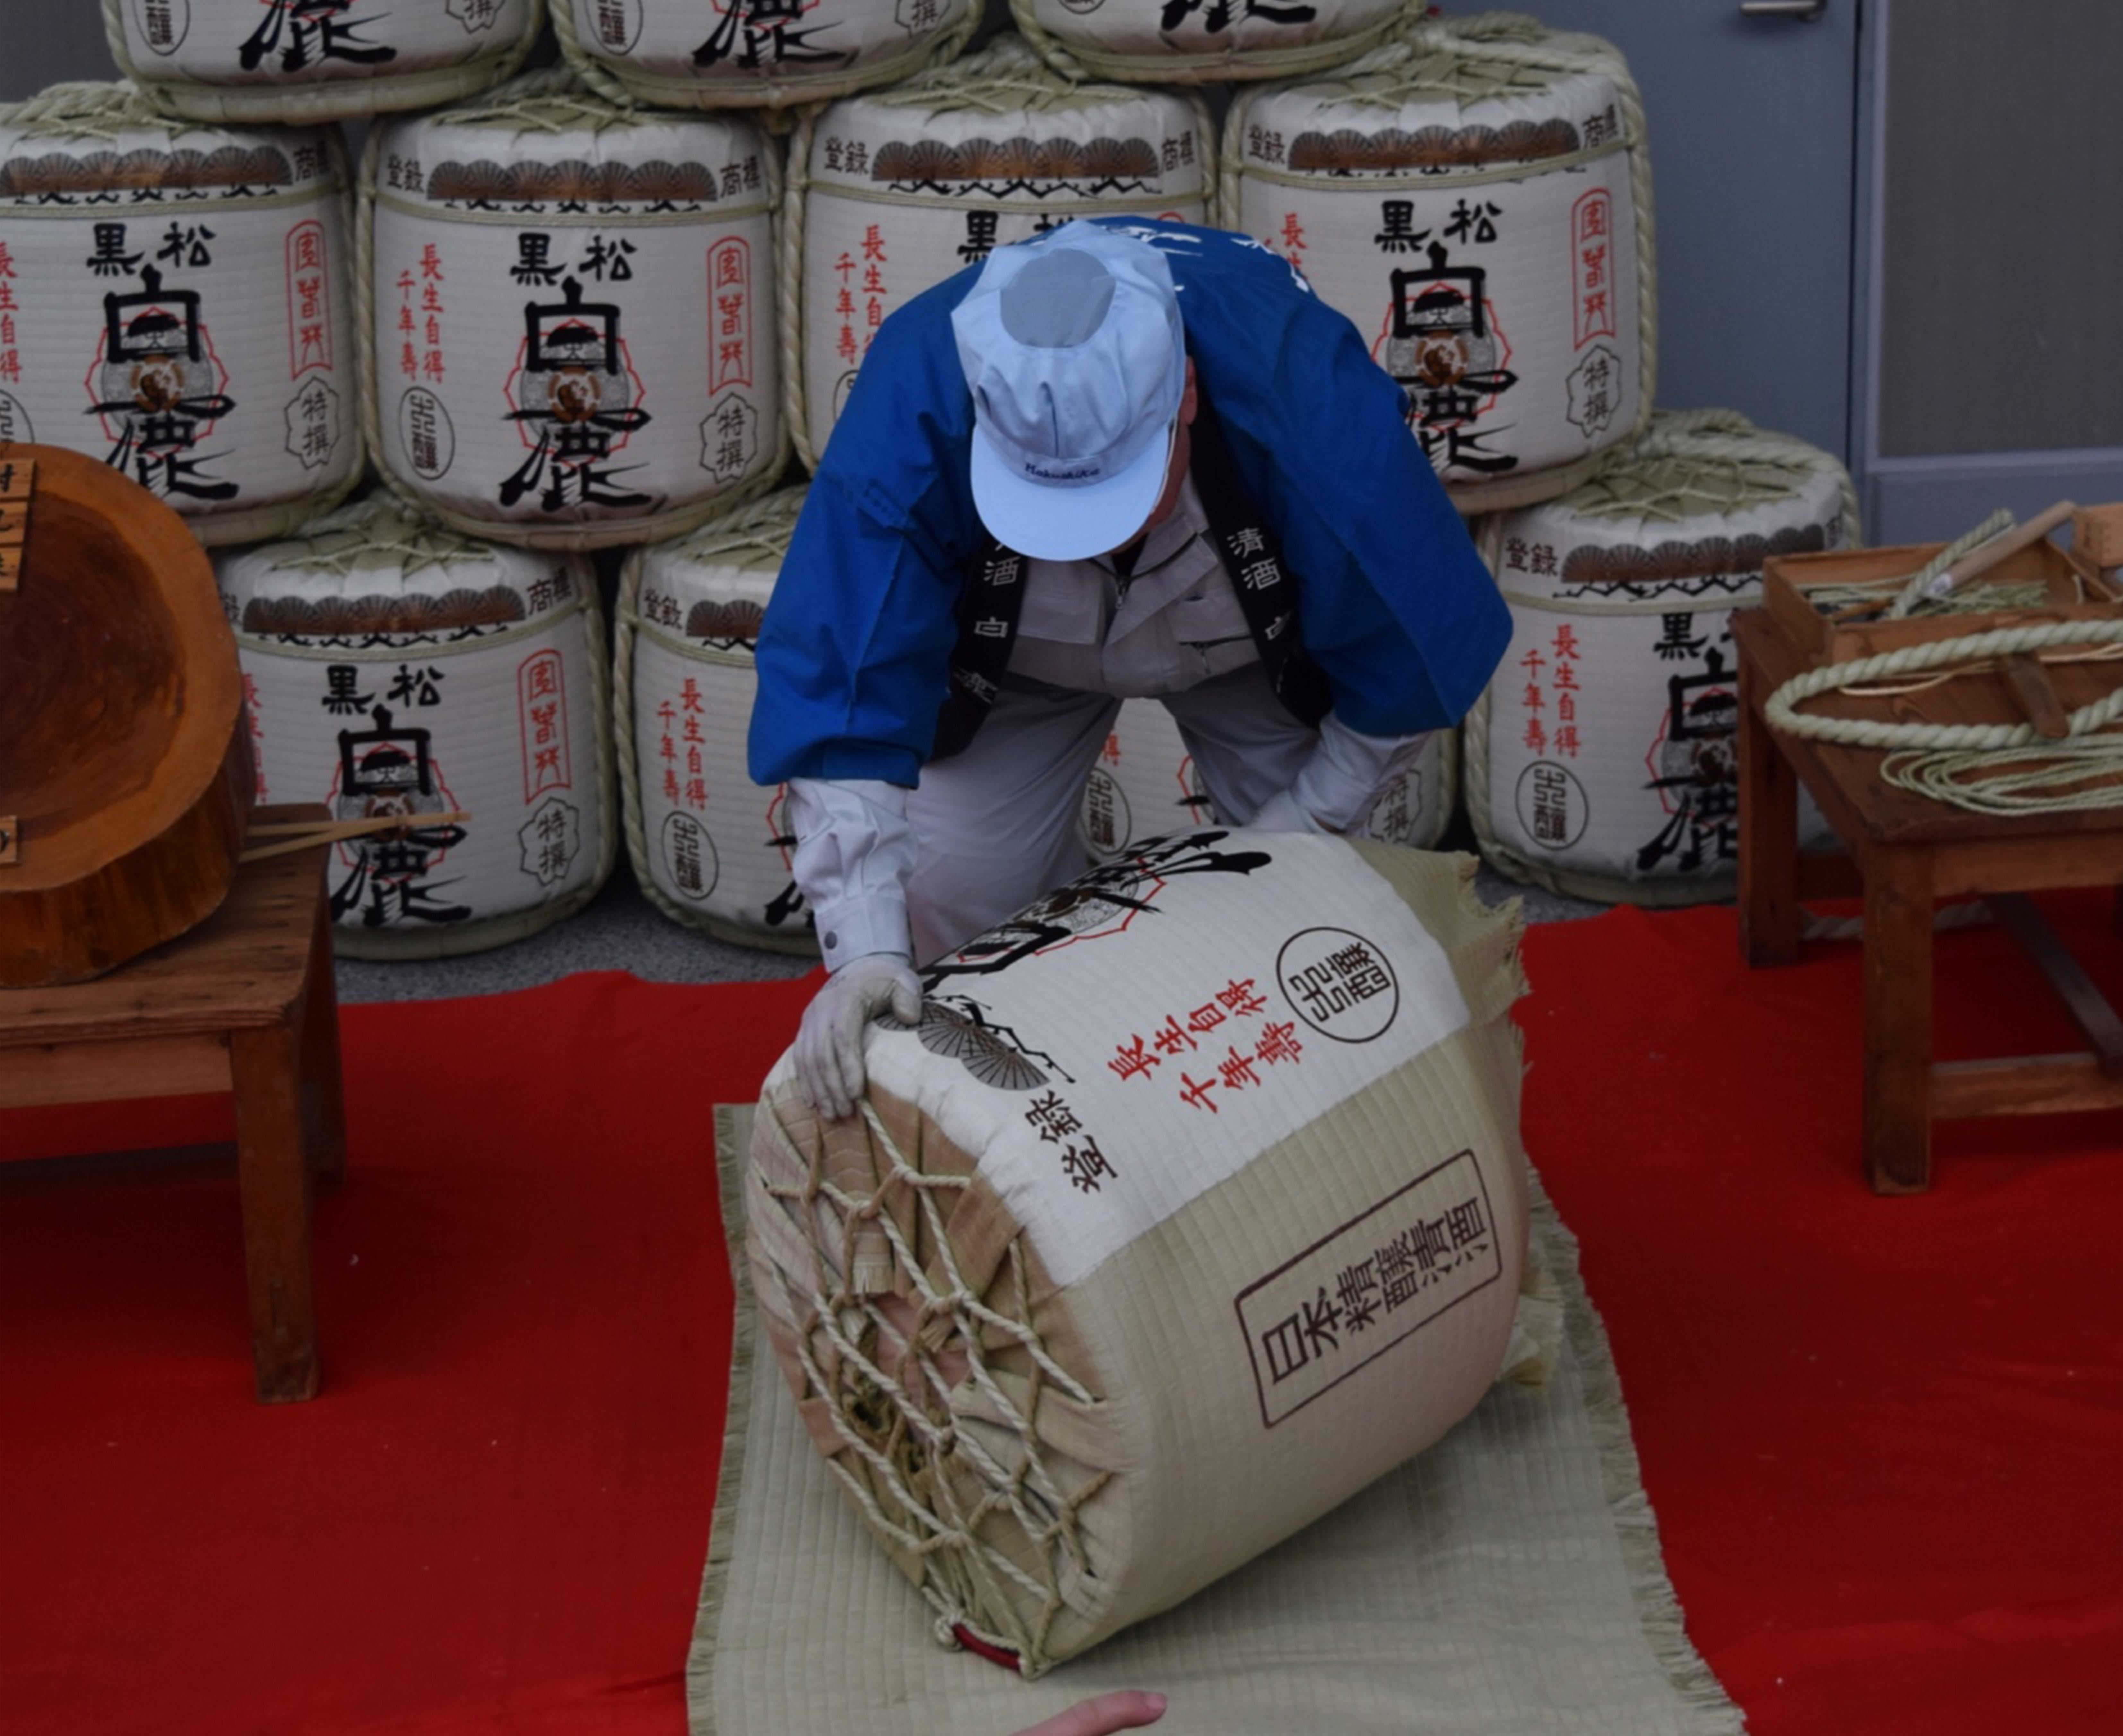 http://www.hakushika.co.jp/topics/images/2.jpg